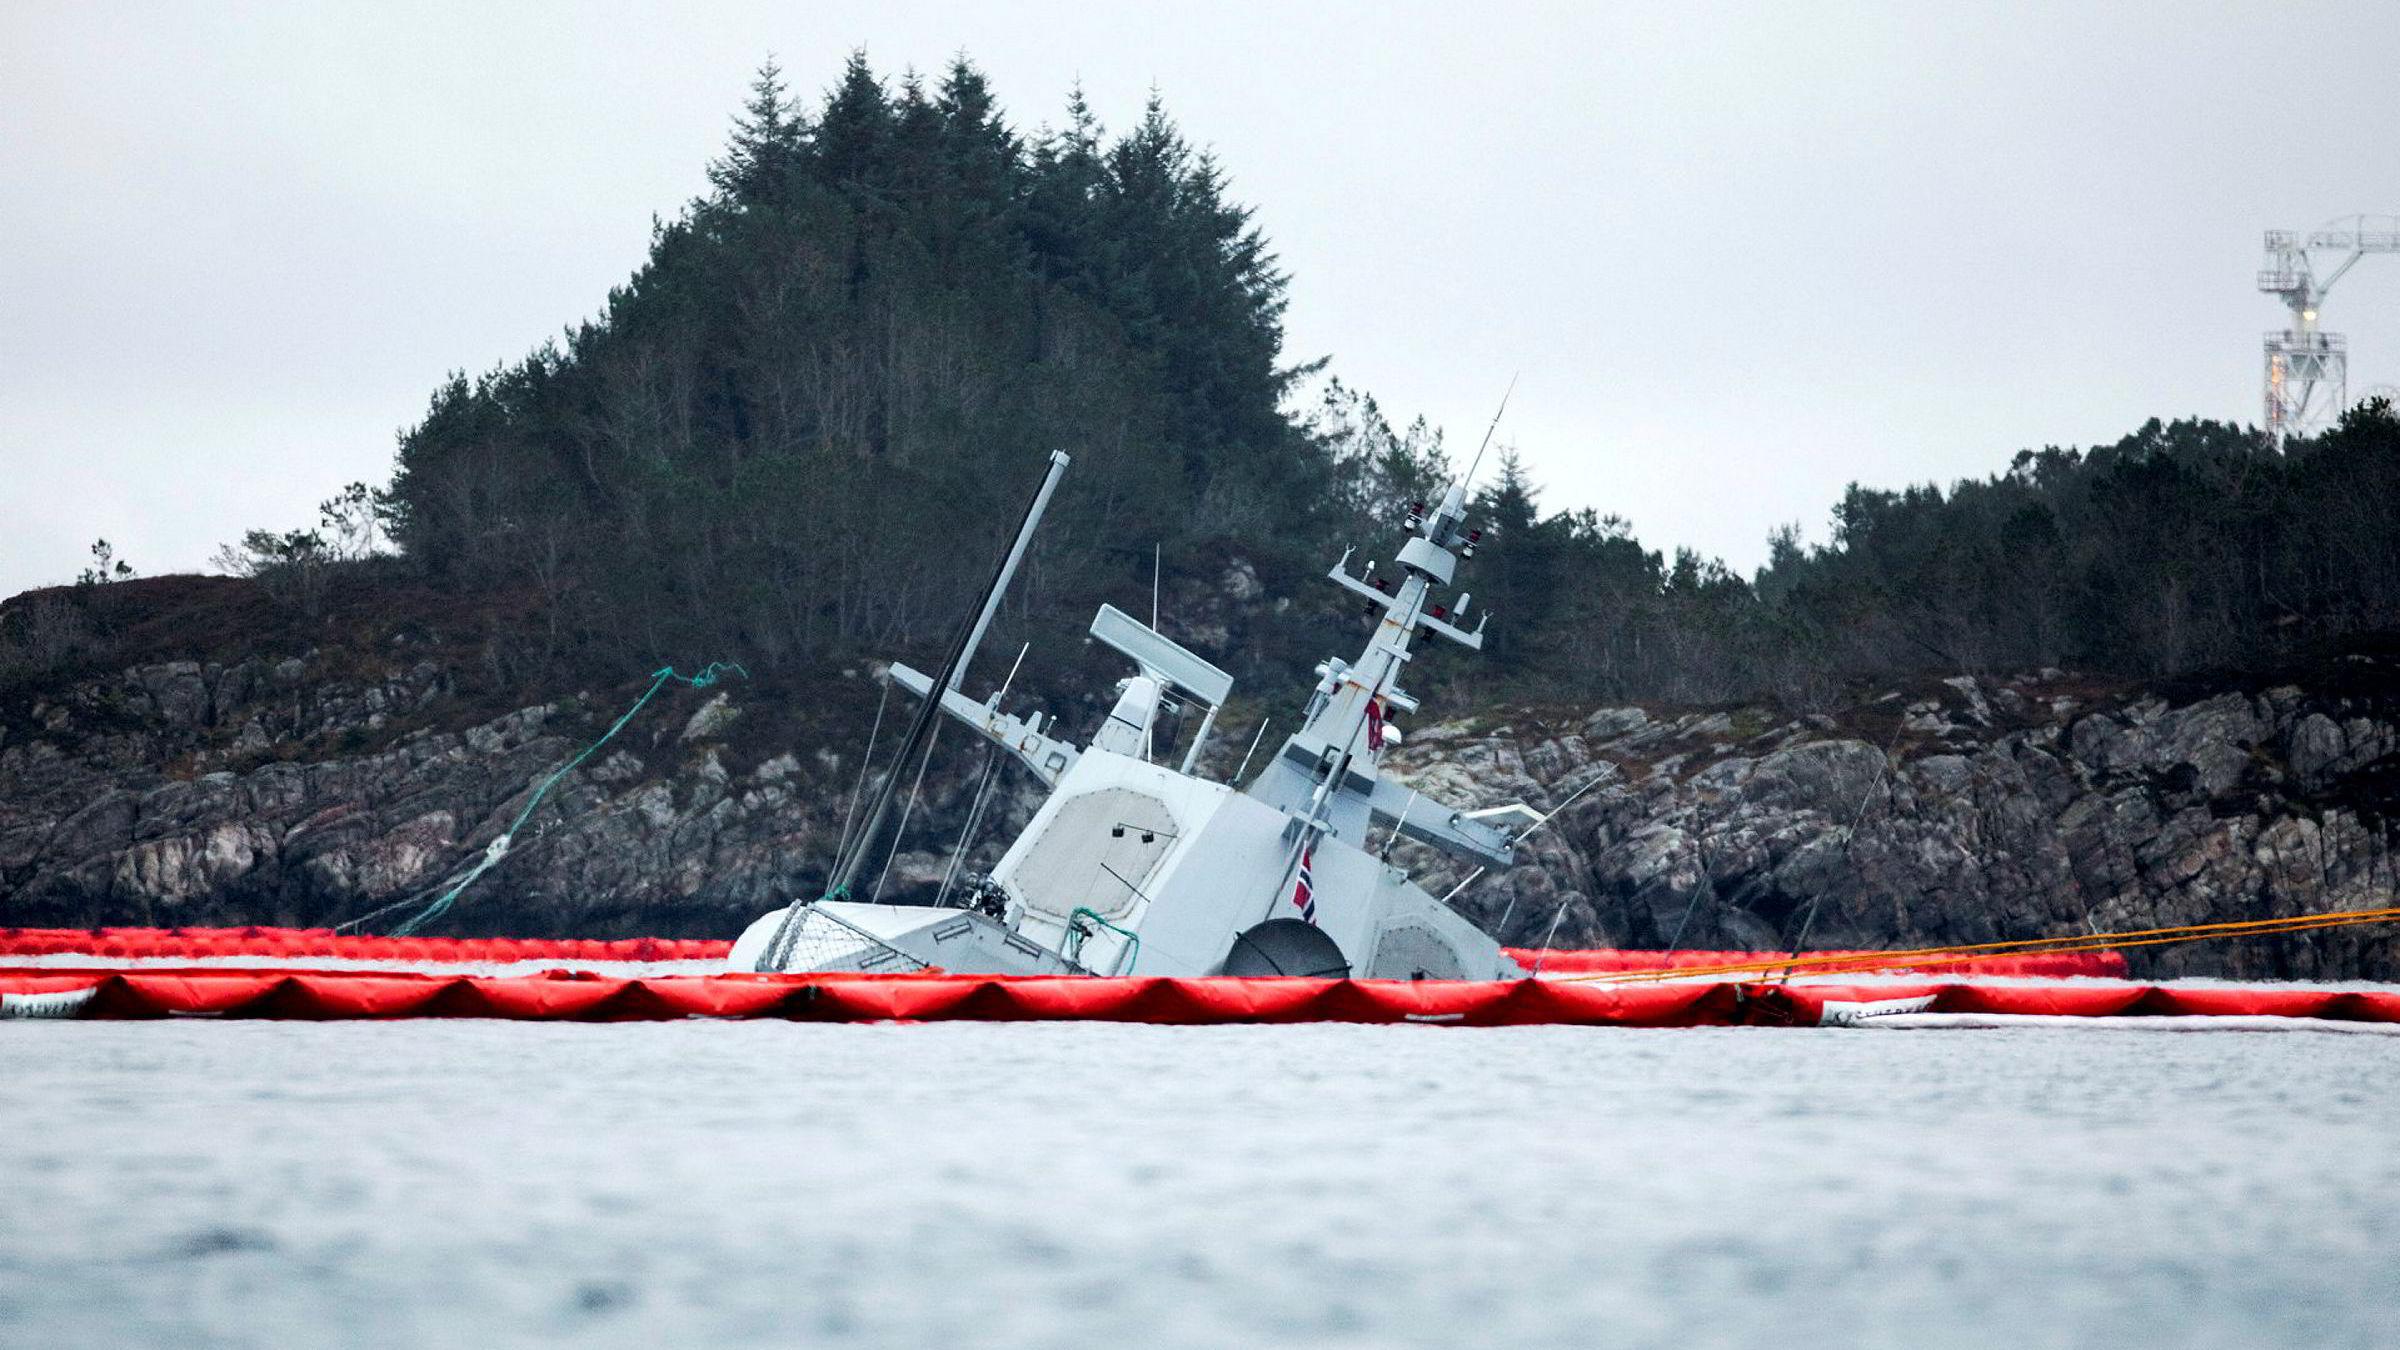 Fregatten KNM «Helge Ingstad» etter kollisjonen ifjor høst i Øygarden utenfor Bergen.  Det er trukket gule tau ut til akterenden av havaristen som så vidt stikker opp av vannet.